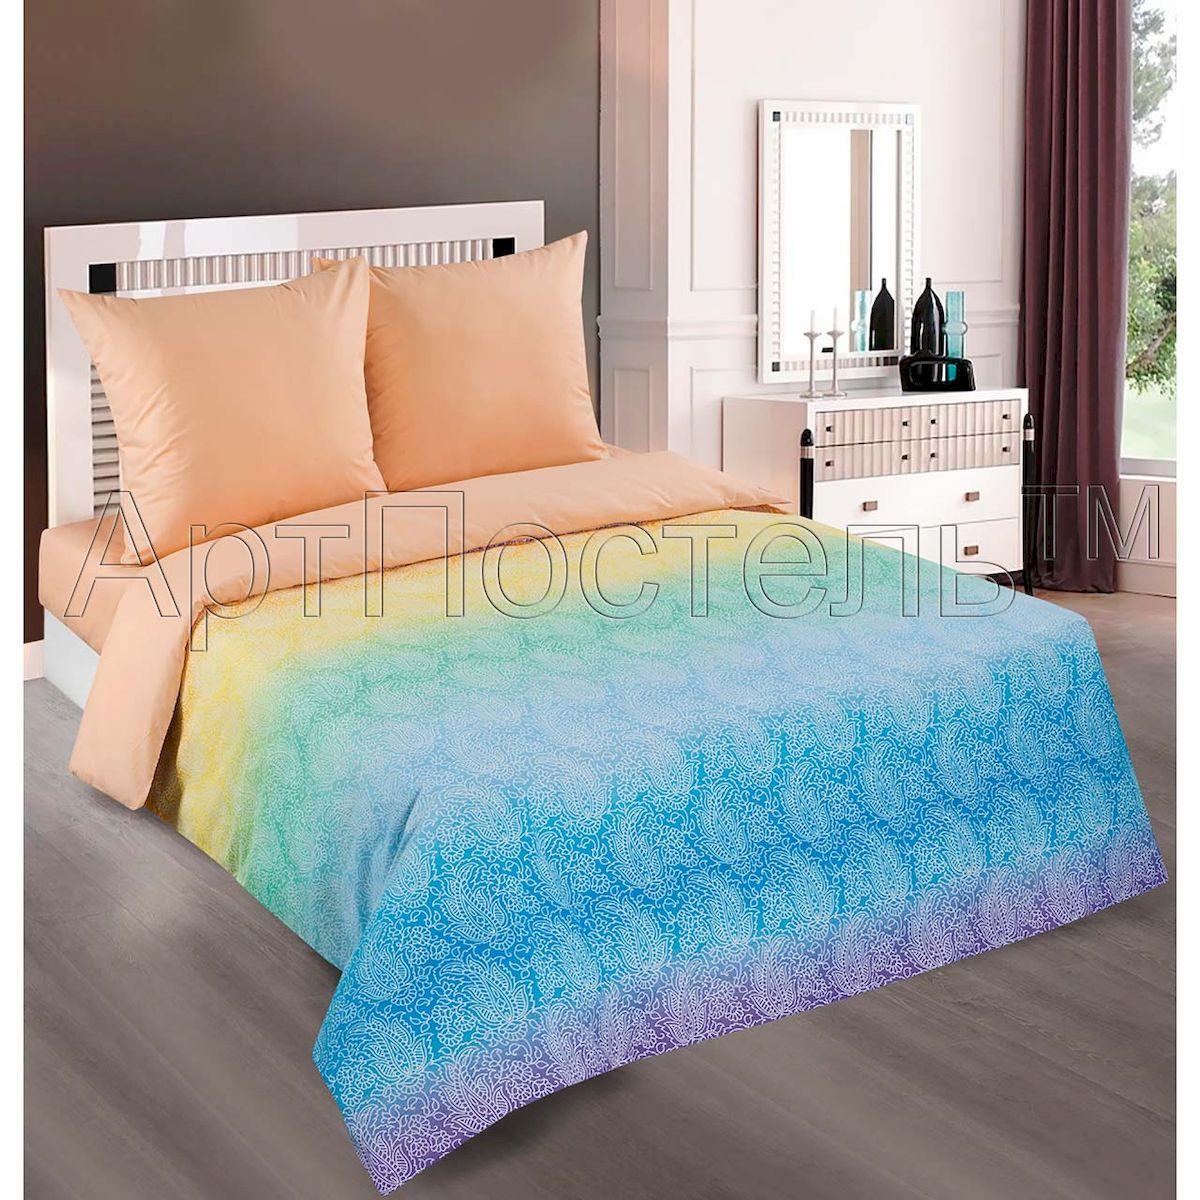 Комплект белья АртПостель Лазурь, 2-х спальное, наволочки 70x70, цвет: персиковый. 904904